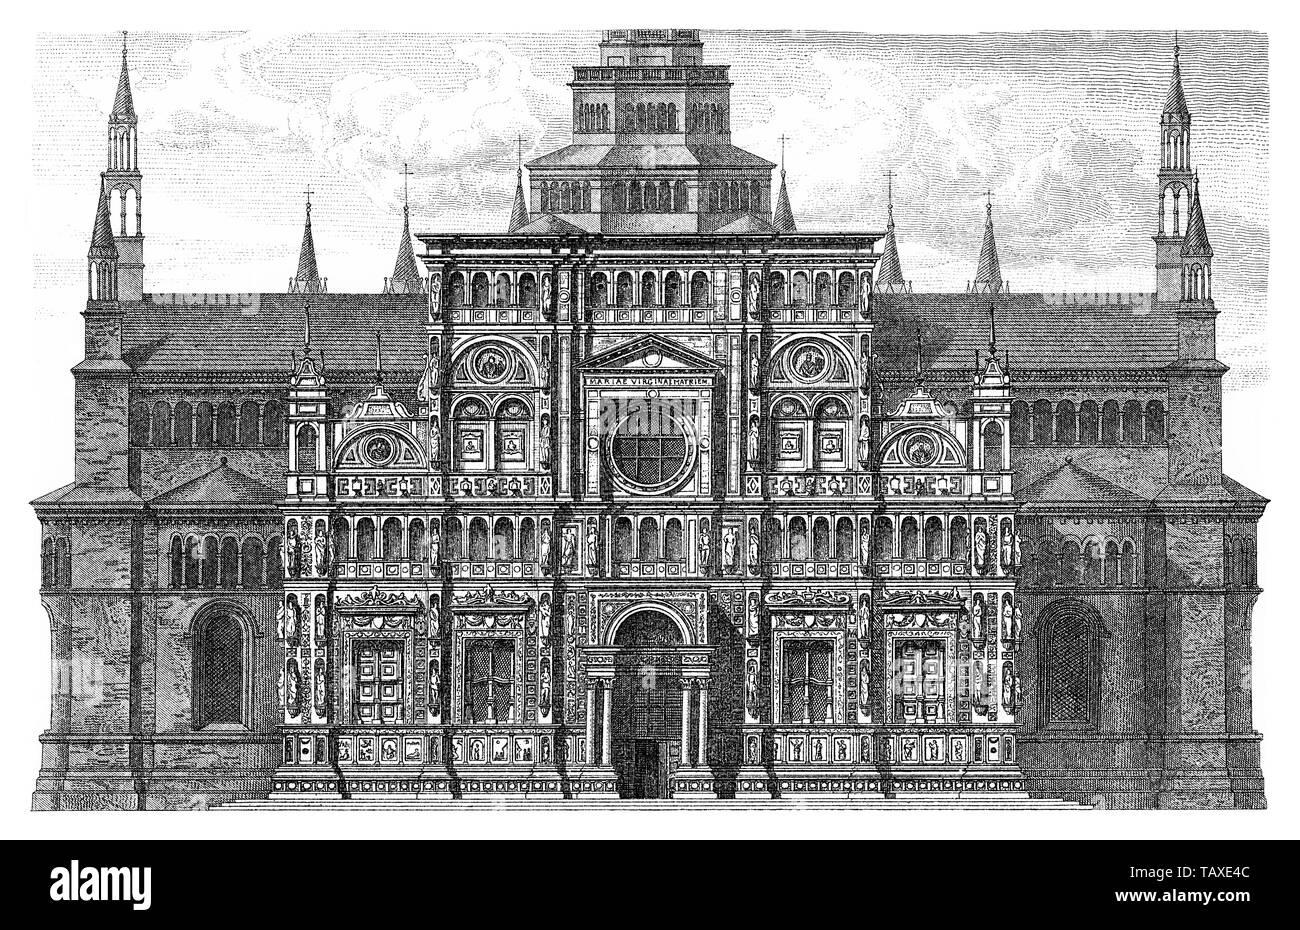 Historische, zeichnerische Darstellung, Fassade der Kirche Madonna delle Grazie, Certosa di Pavia, Italien, 16. Jahrhundert, aus Meyers Konversations-Lexikon, 1889 - Stock Image